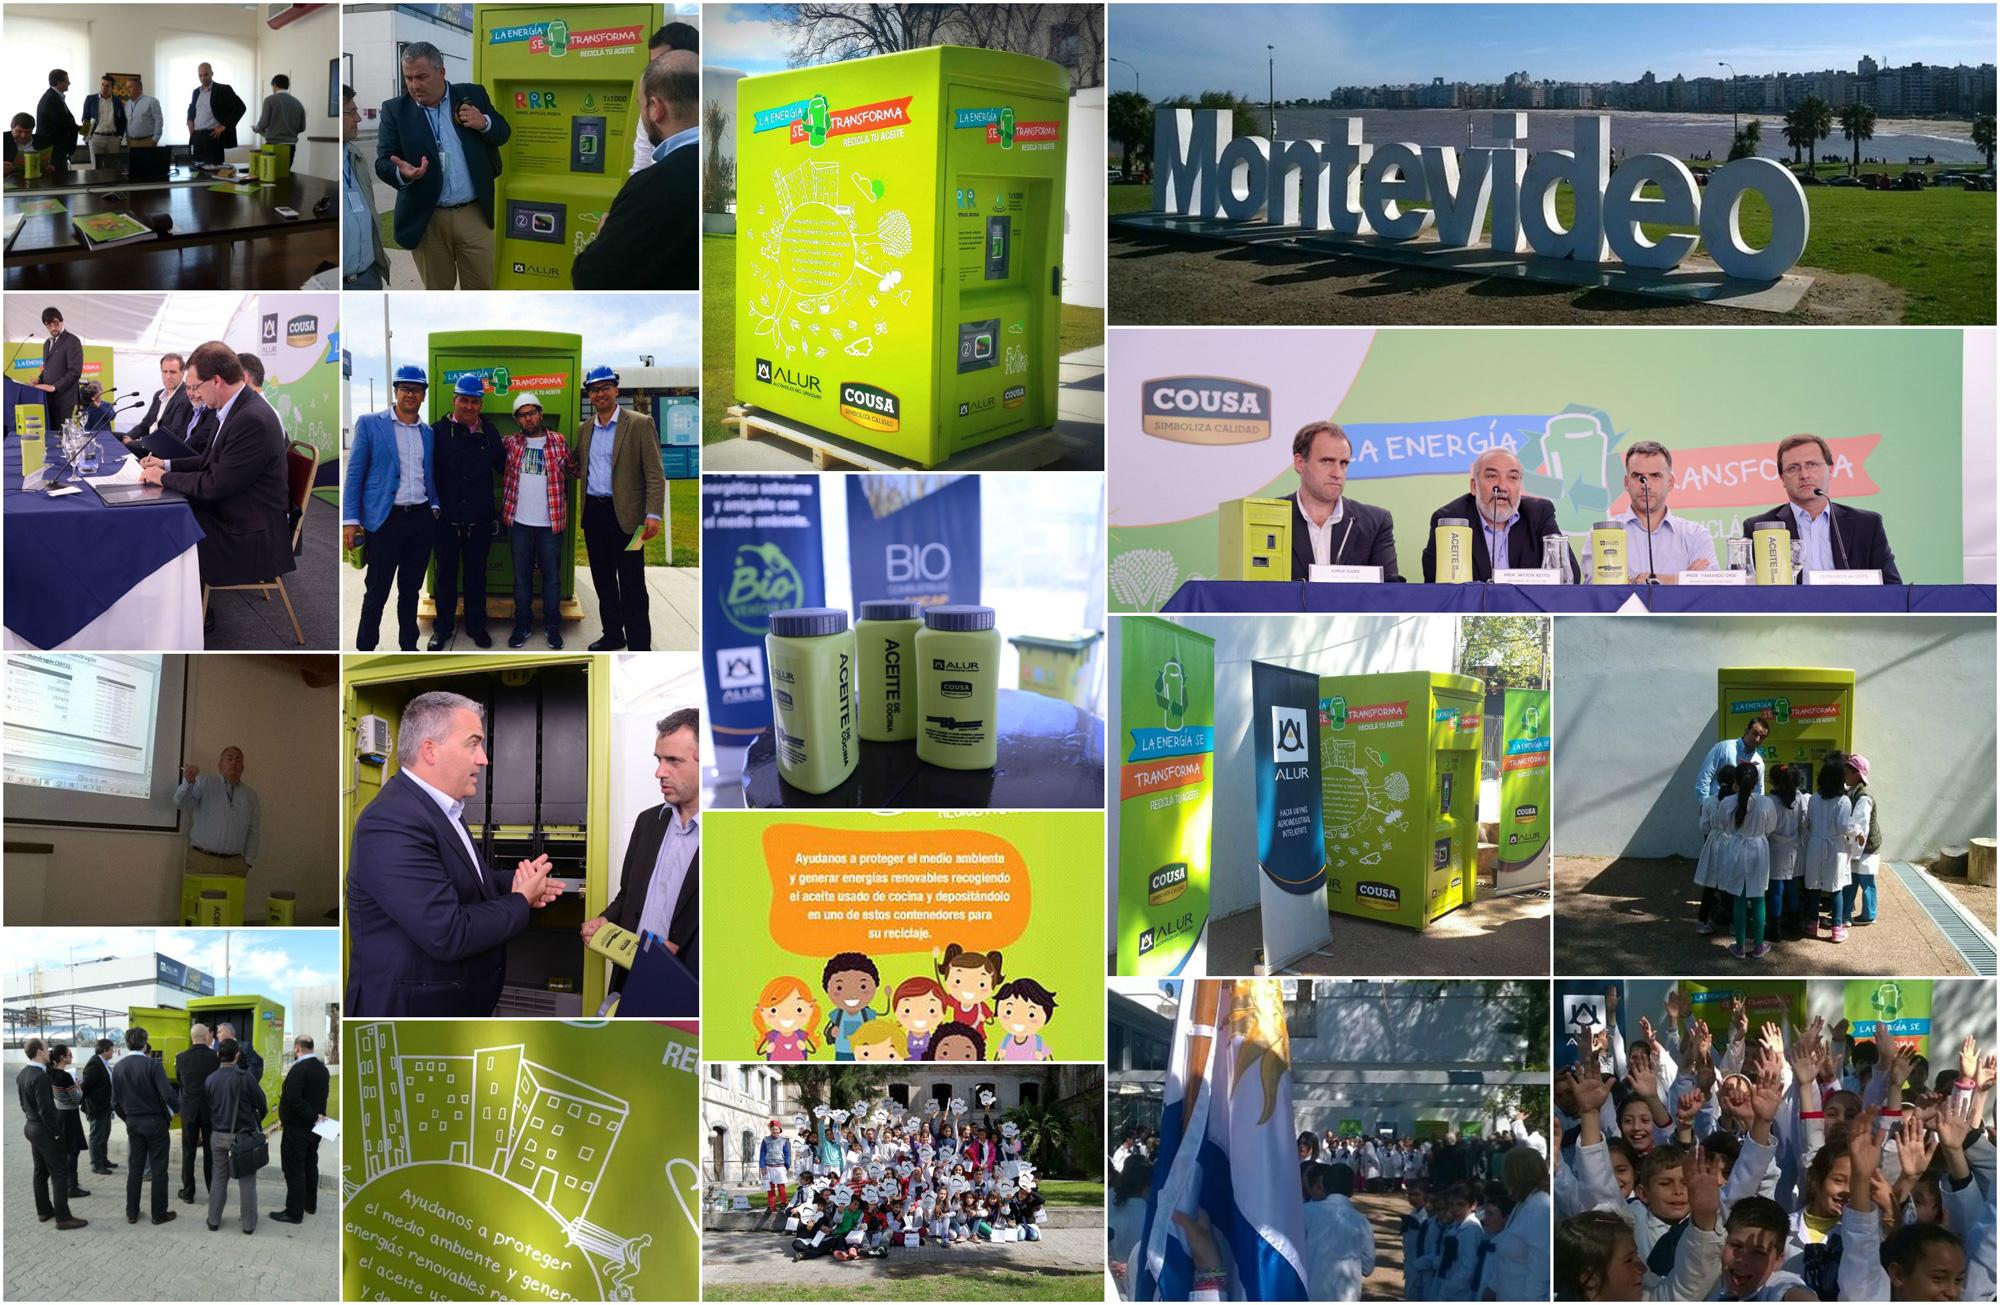 Alur-Eko3r-uruguay-biocombustible-contenedor-recicla-aceite-